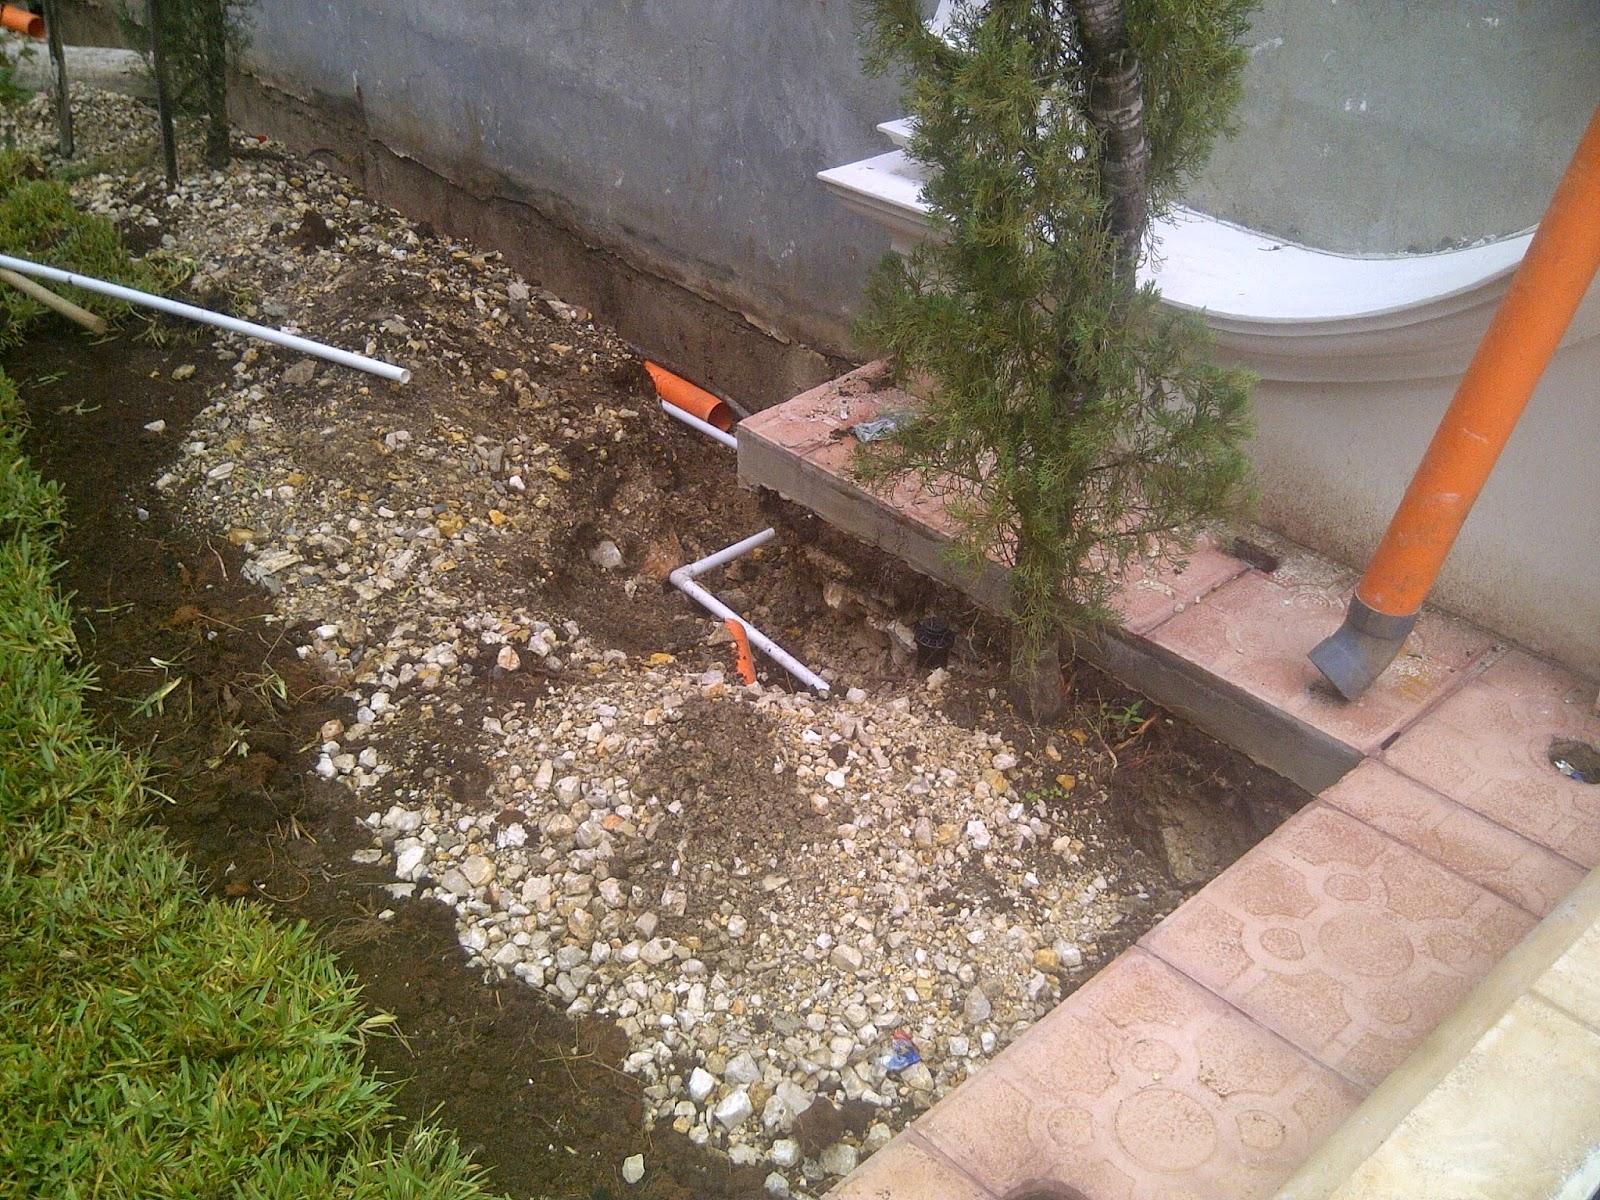 Bombas y riegos de guatemala sistema de aspersi n para jardin for Aspersores riego jardin